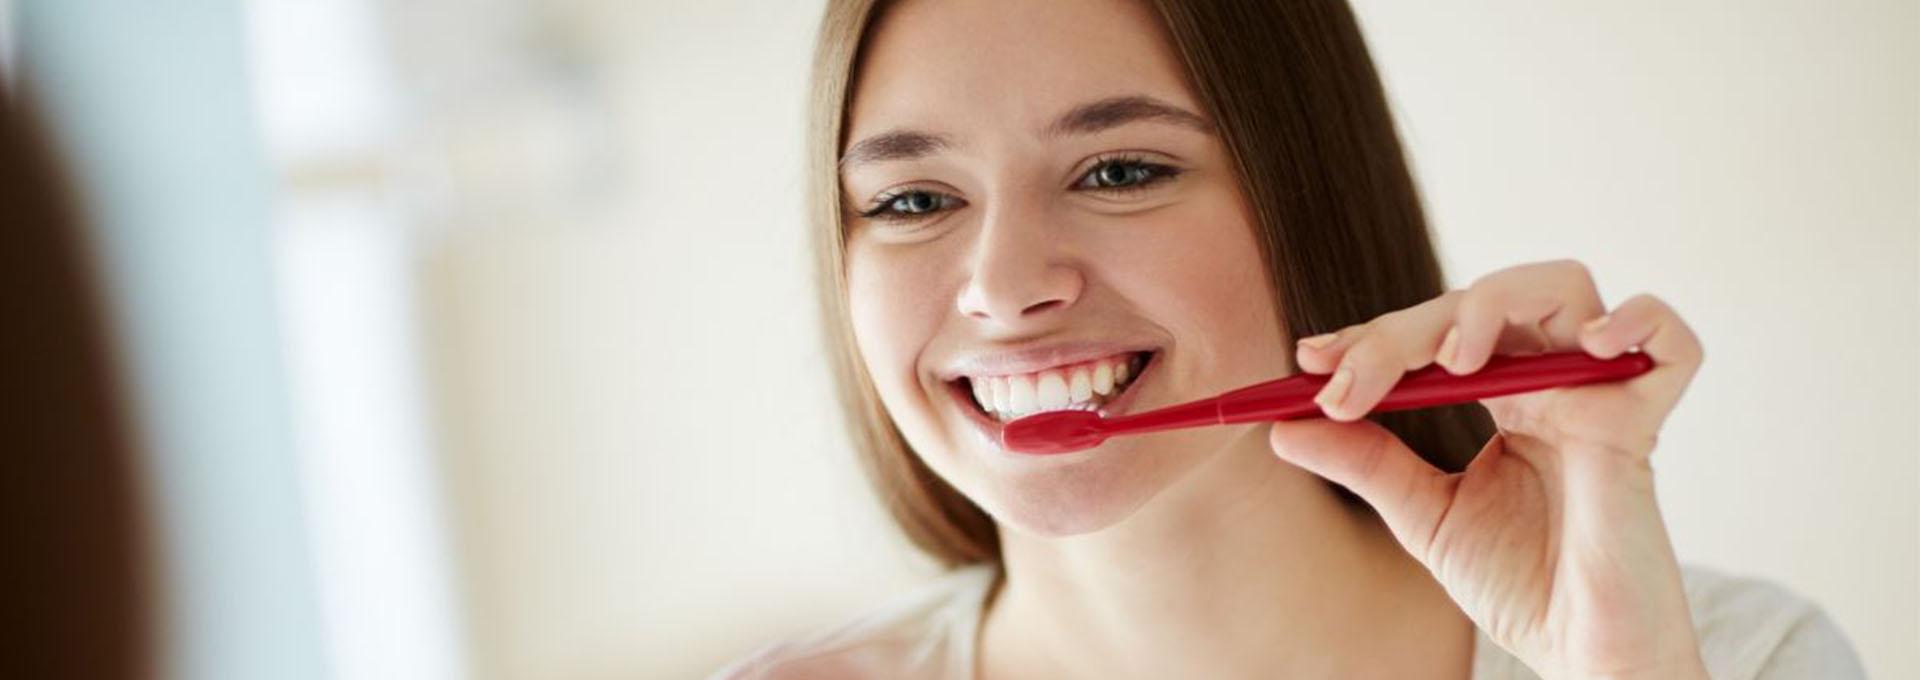 Виниры на зубы в гомеле цена отзывы